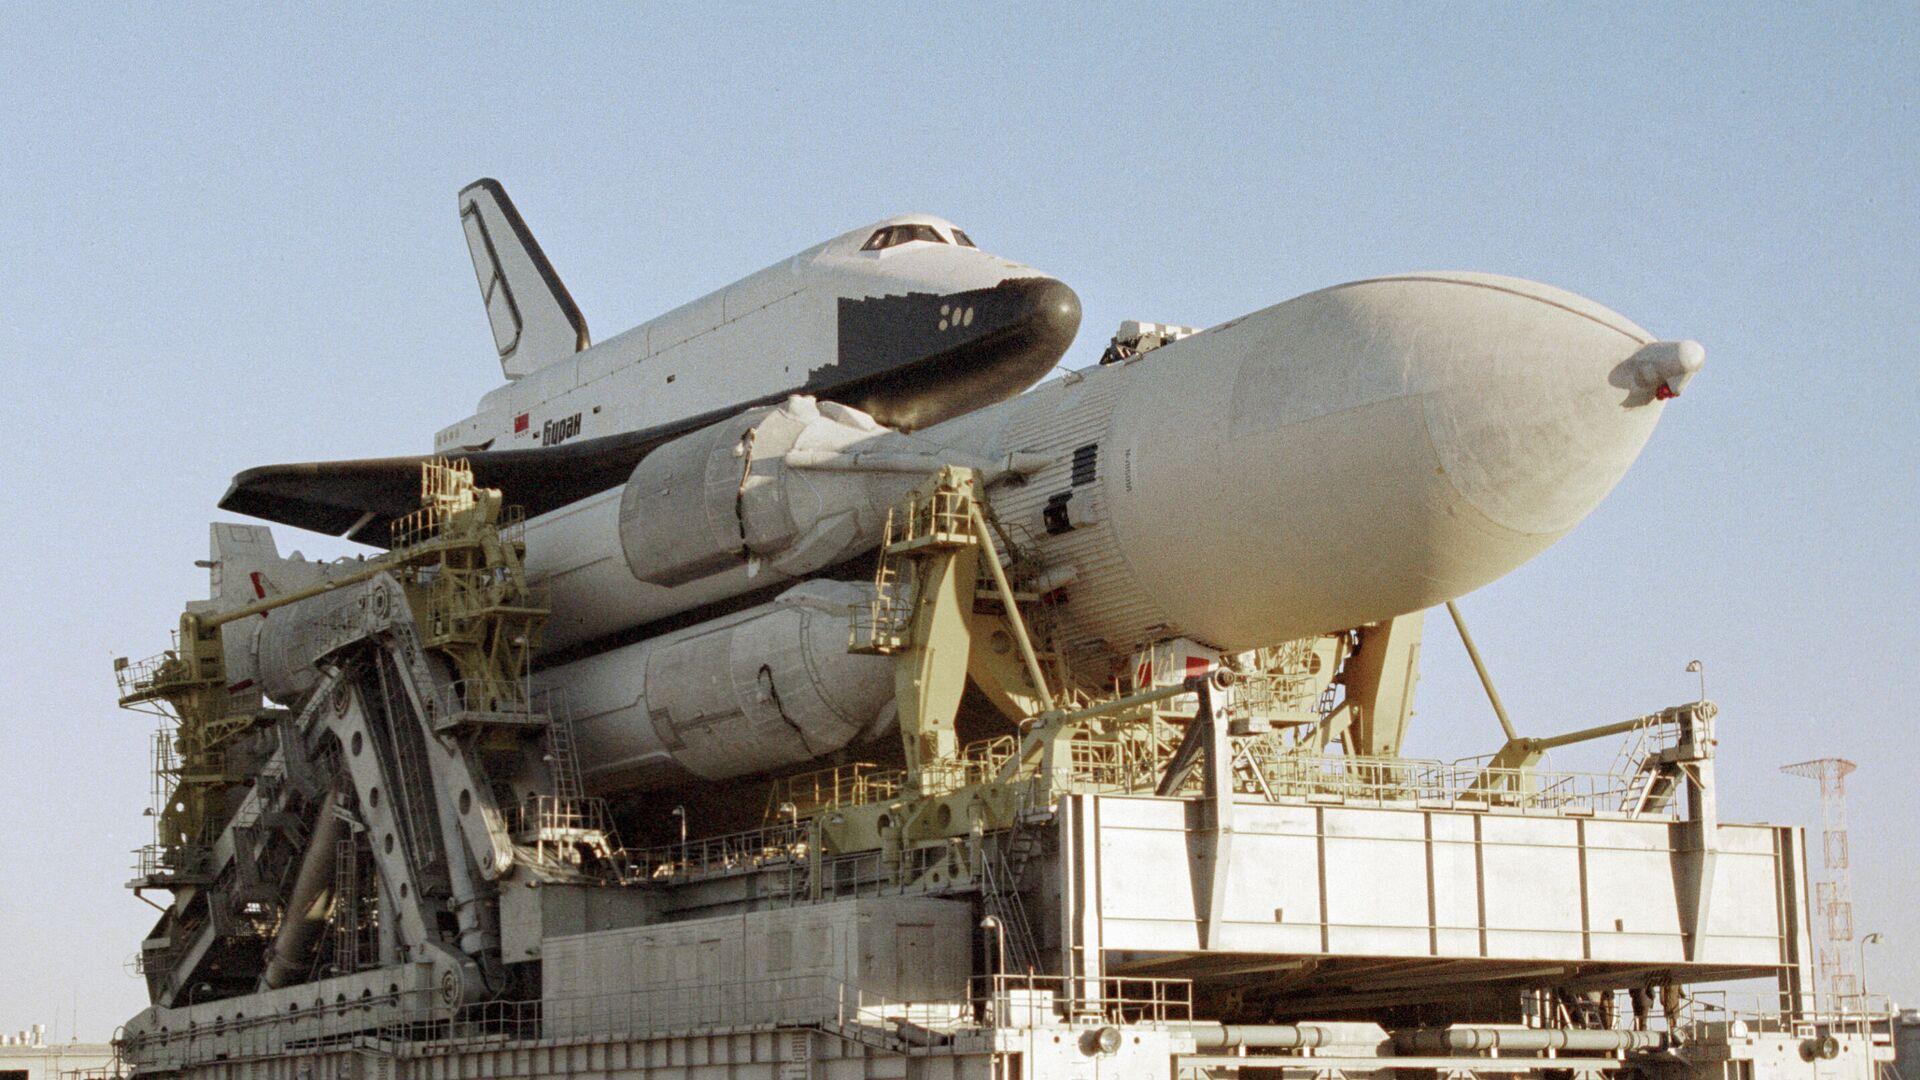 Ракетно-космическая система Энергия, в состав которой входят ракета-носитель и корабль многоразового использования Буран - РИА Новости, 1920, 07.08.2020